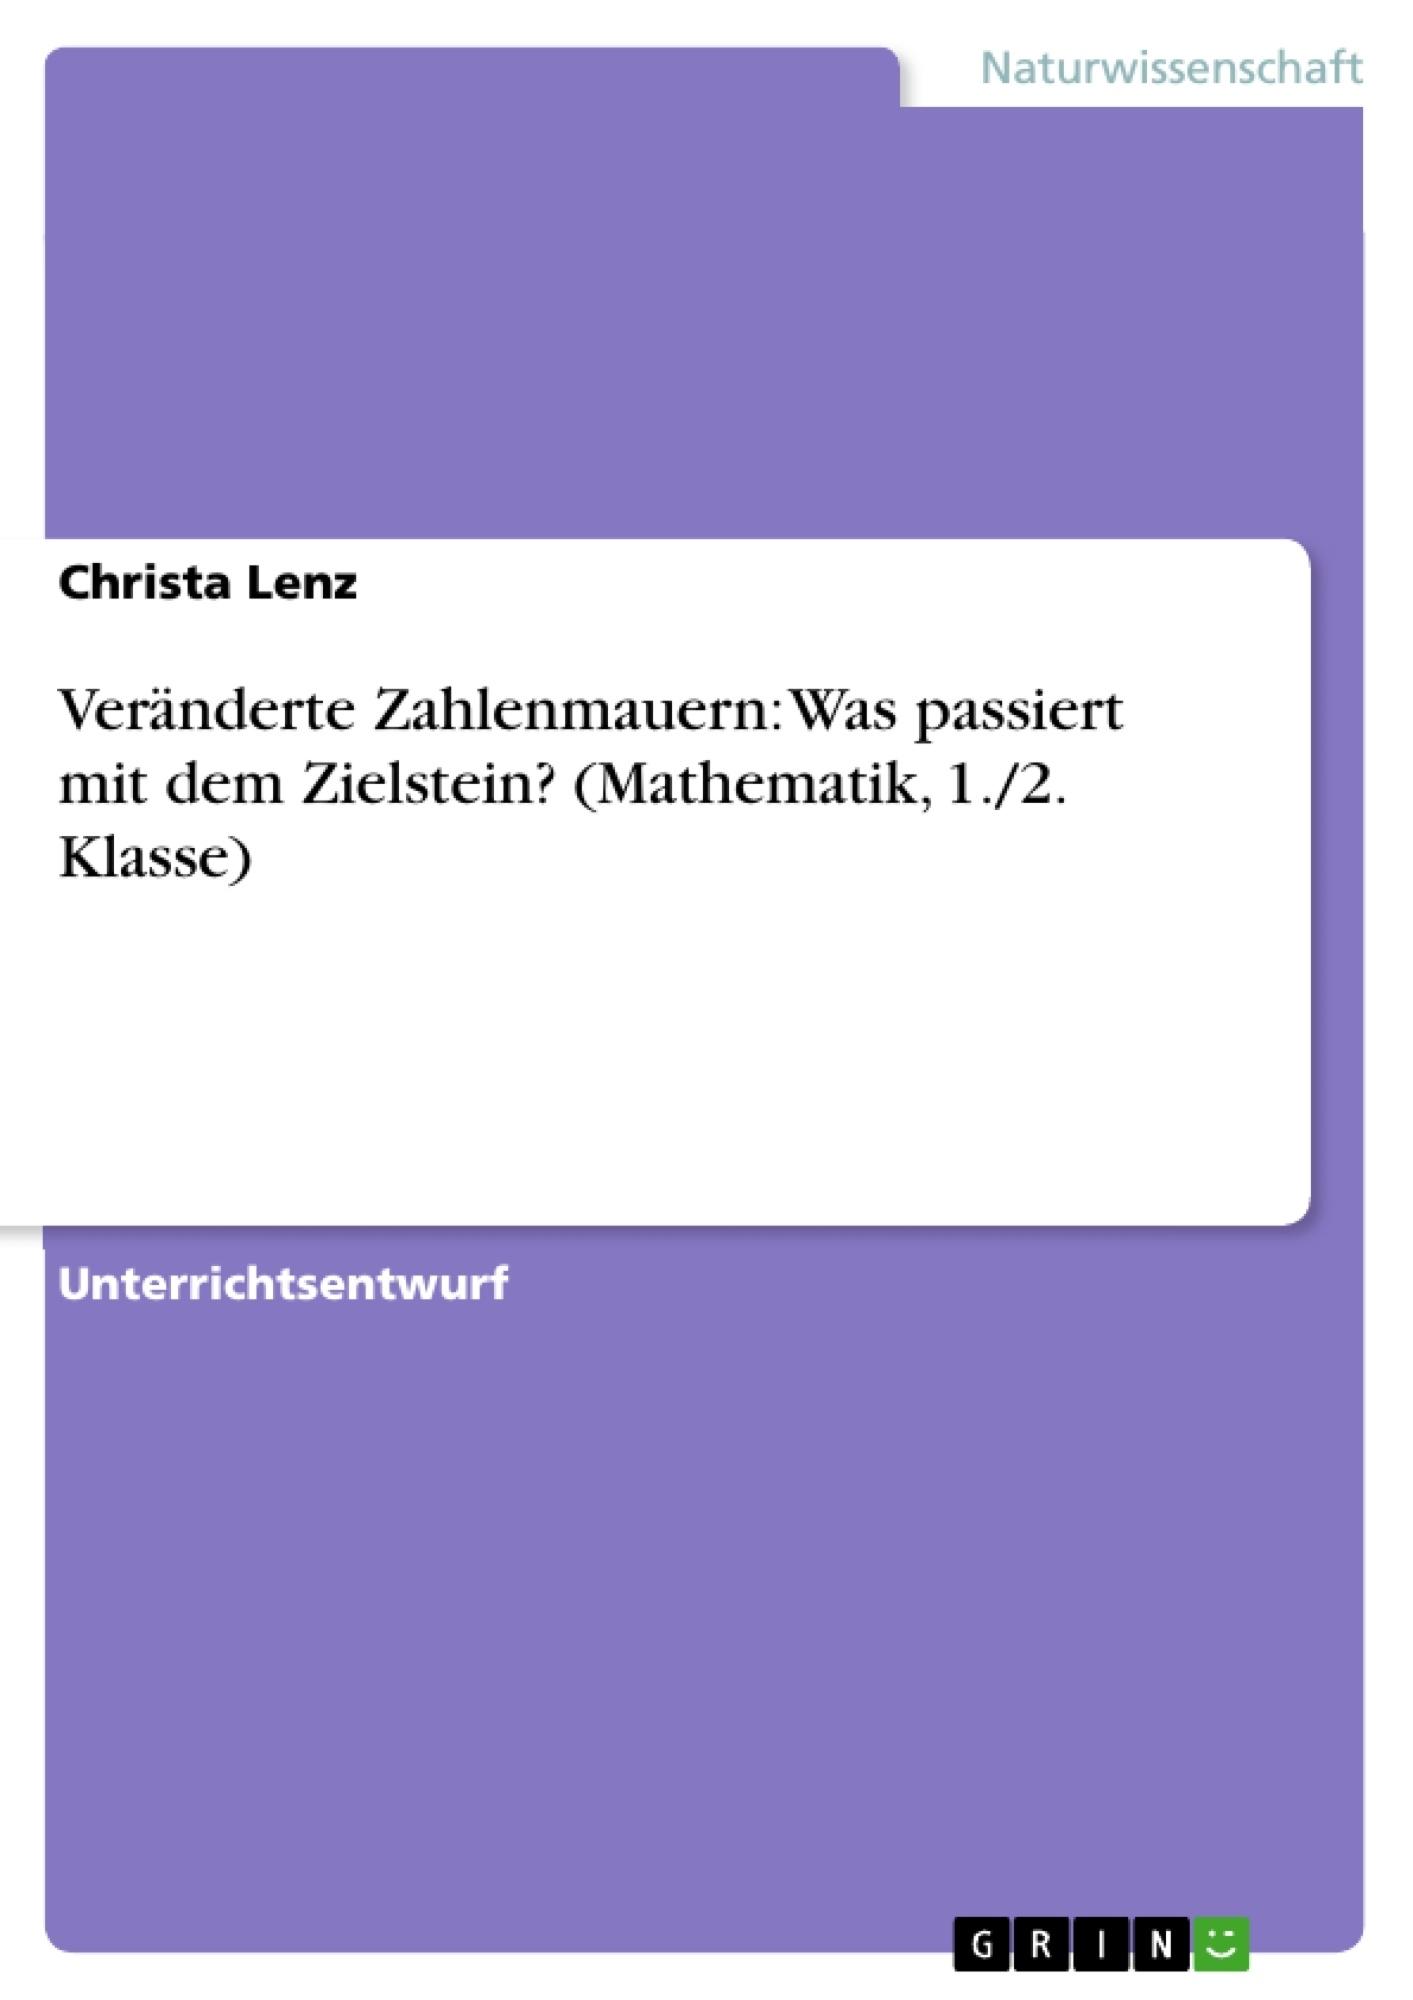 Titel: Veränderte Zahlenmauern: Was passiert mit dem Zielstein? (Mathematik, 1./2. Klasse)